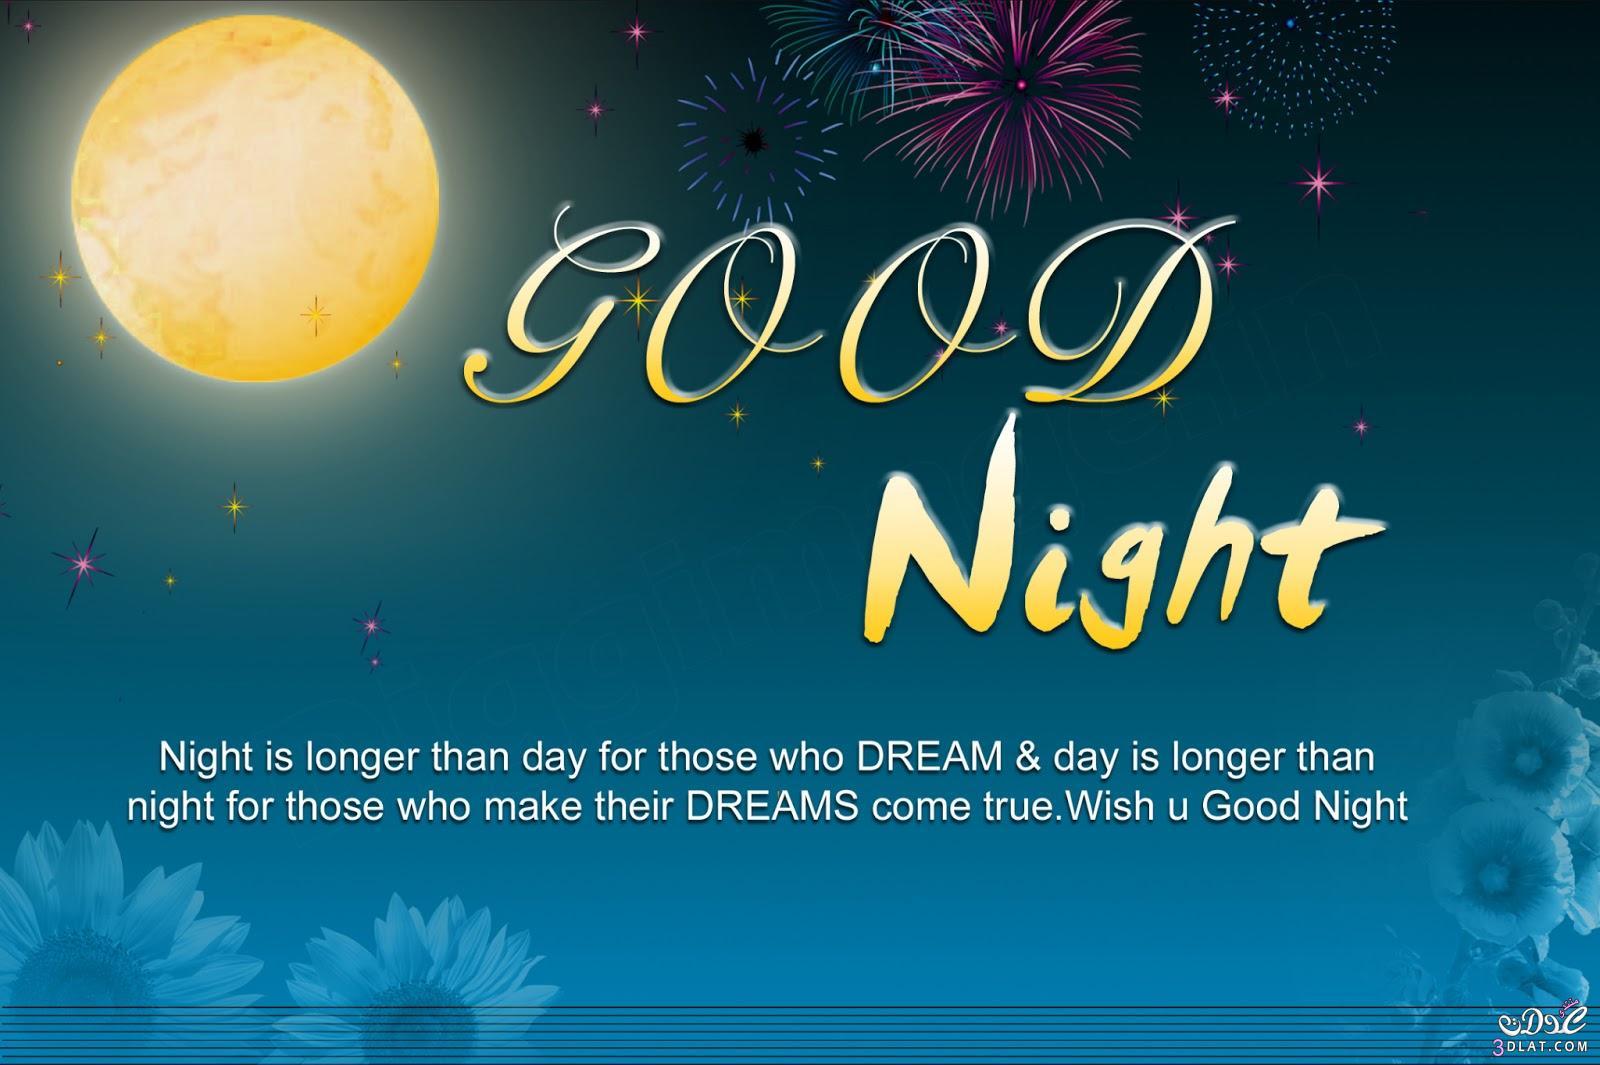 صورة رمزيات مساء الخير , رسايل مساء الخير بالصور 4974 3